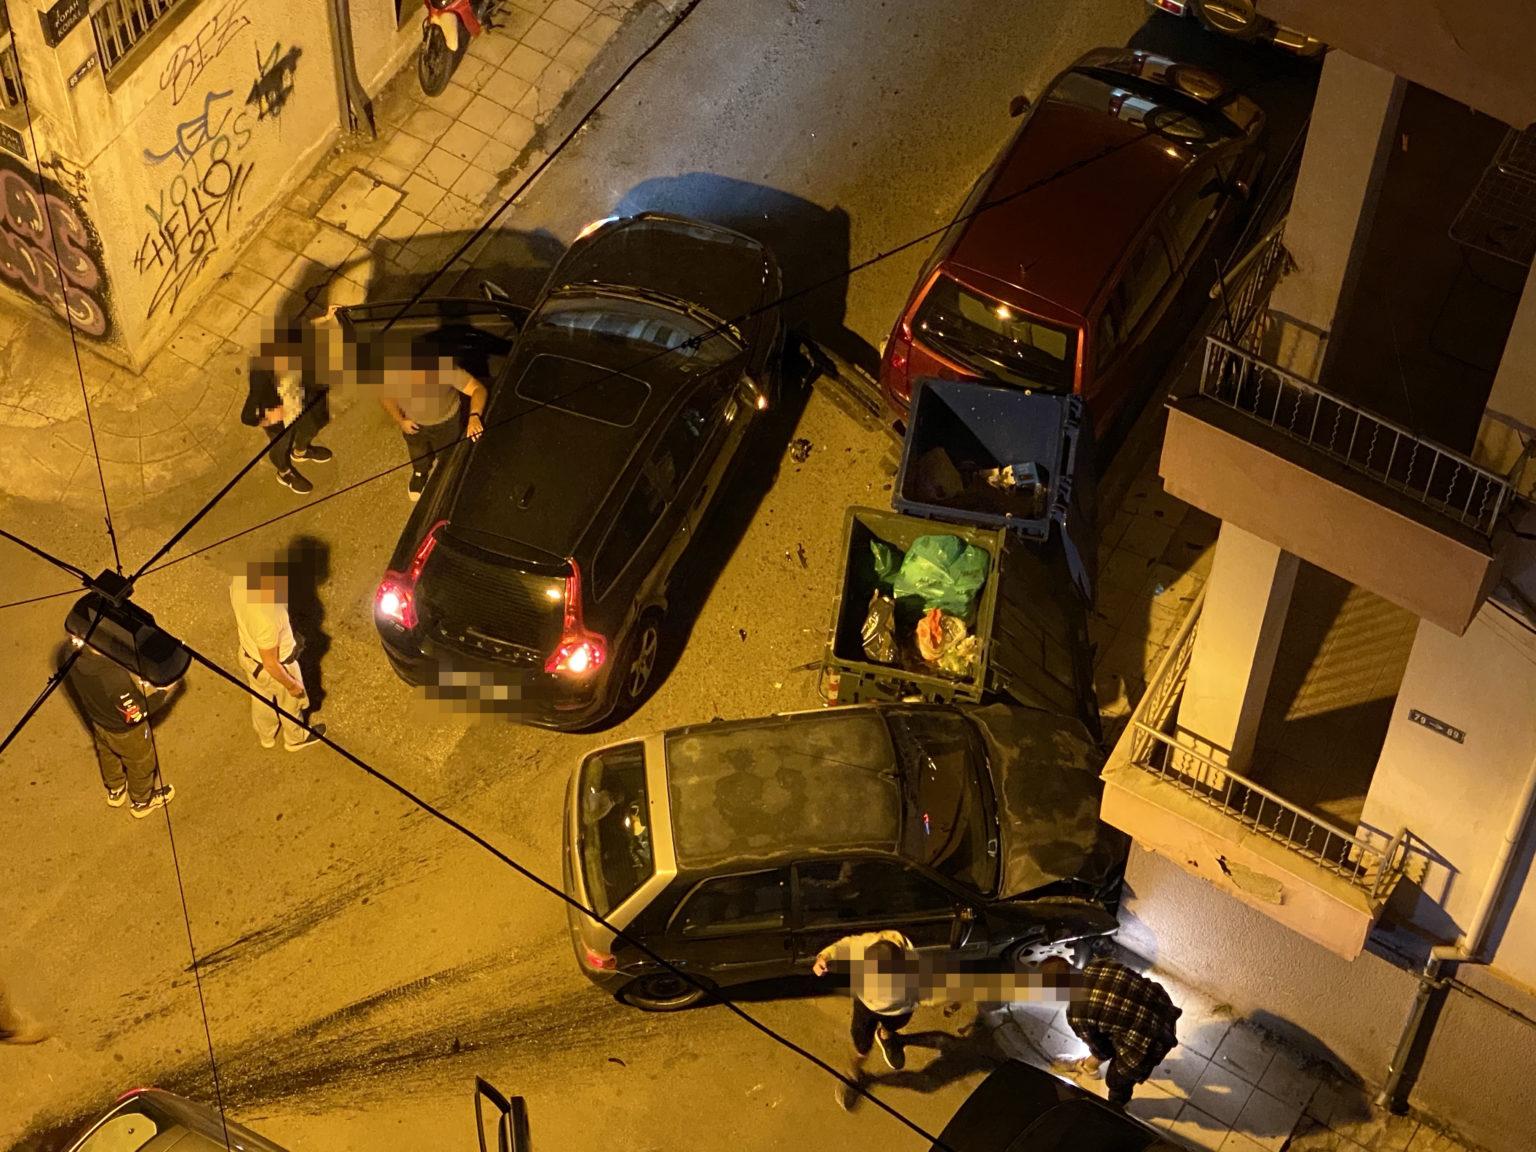 Σοβαρό τροχαίο ατύχημα στο κέντρο του Βόλου